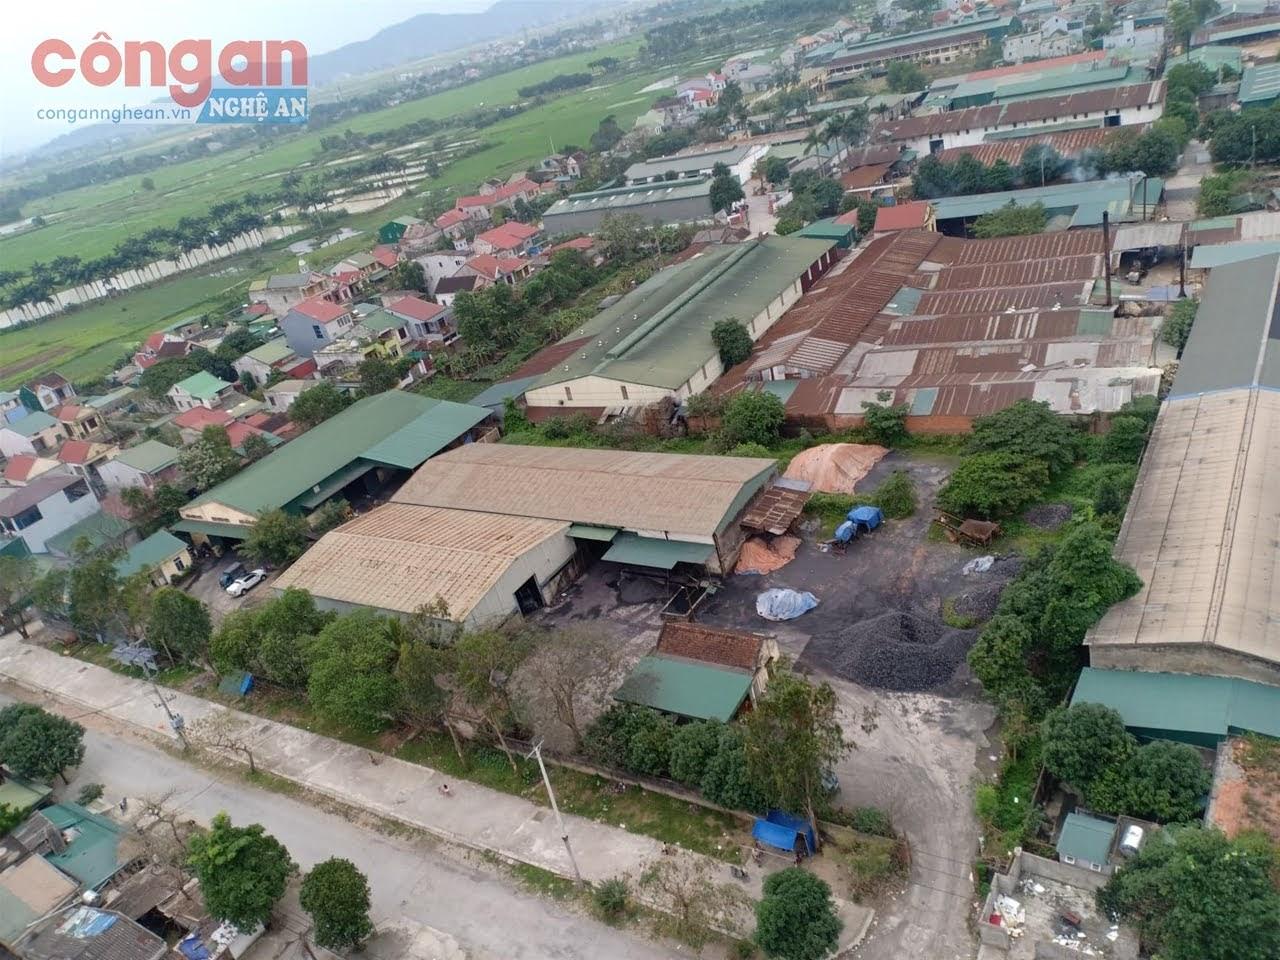 CCN Đông Vĩnh hiện nay nằm trong khu dân cư cần được                   di dời sớm